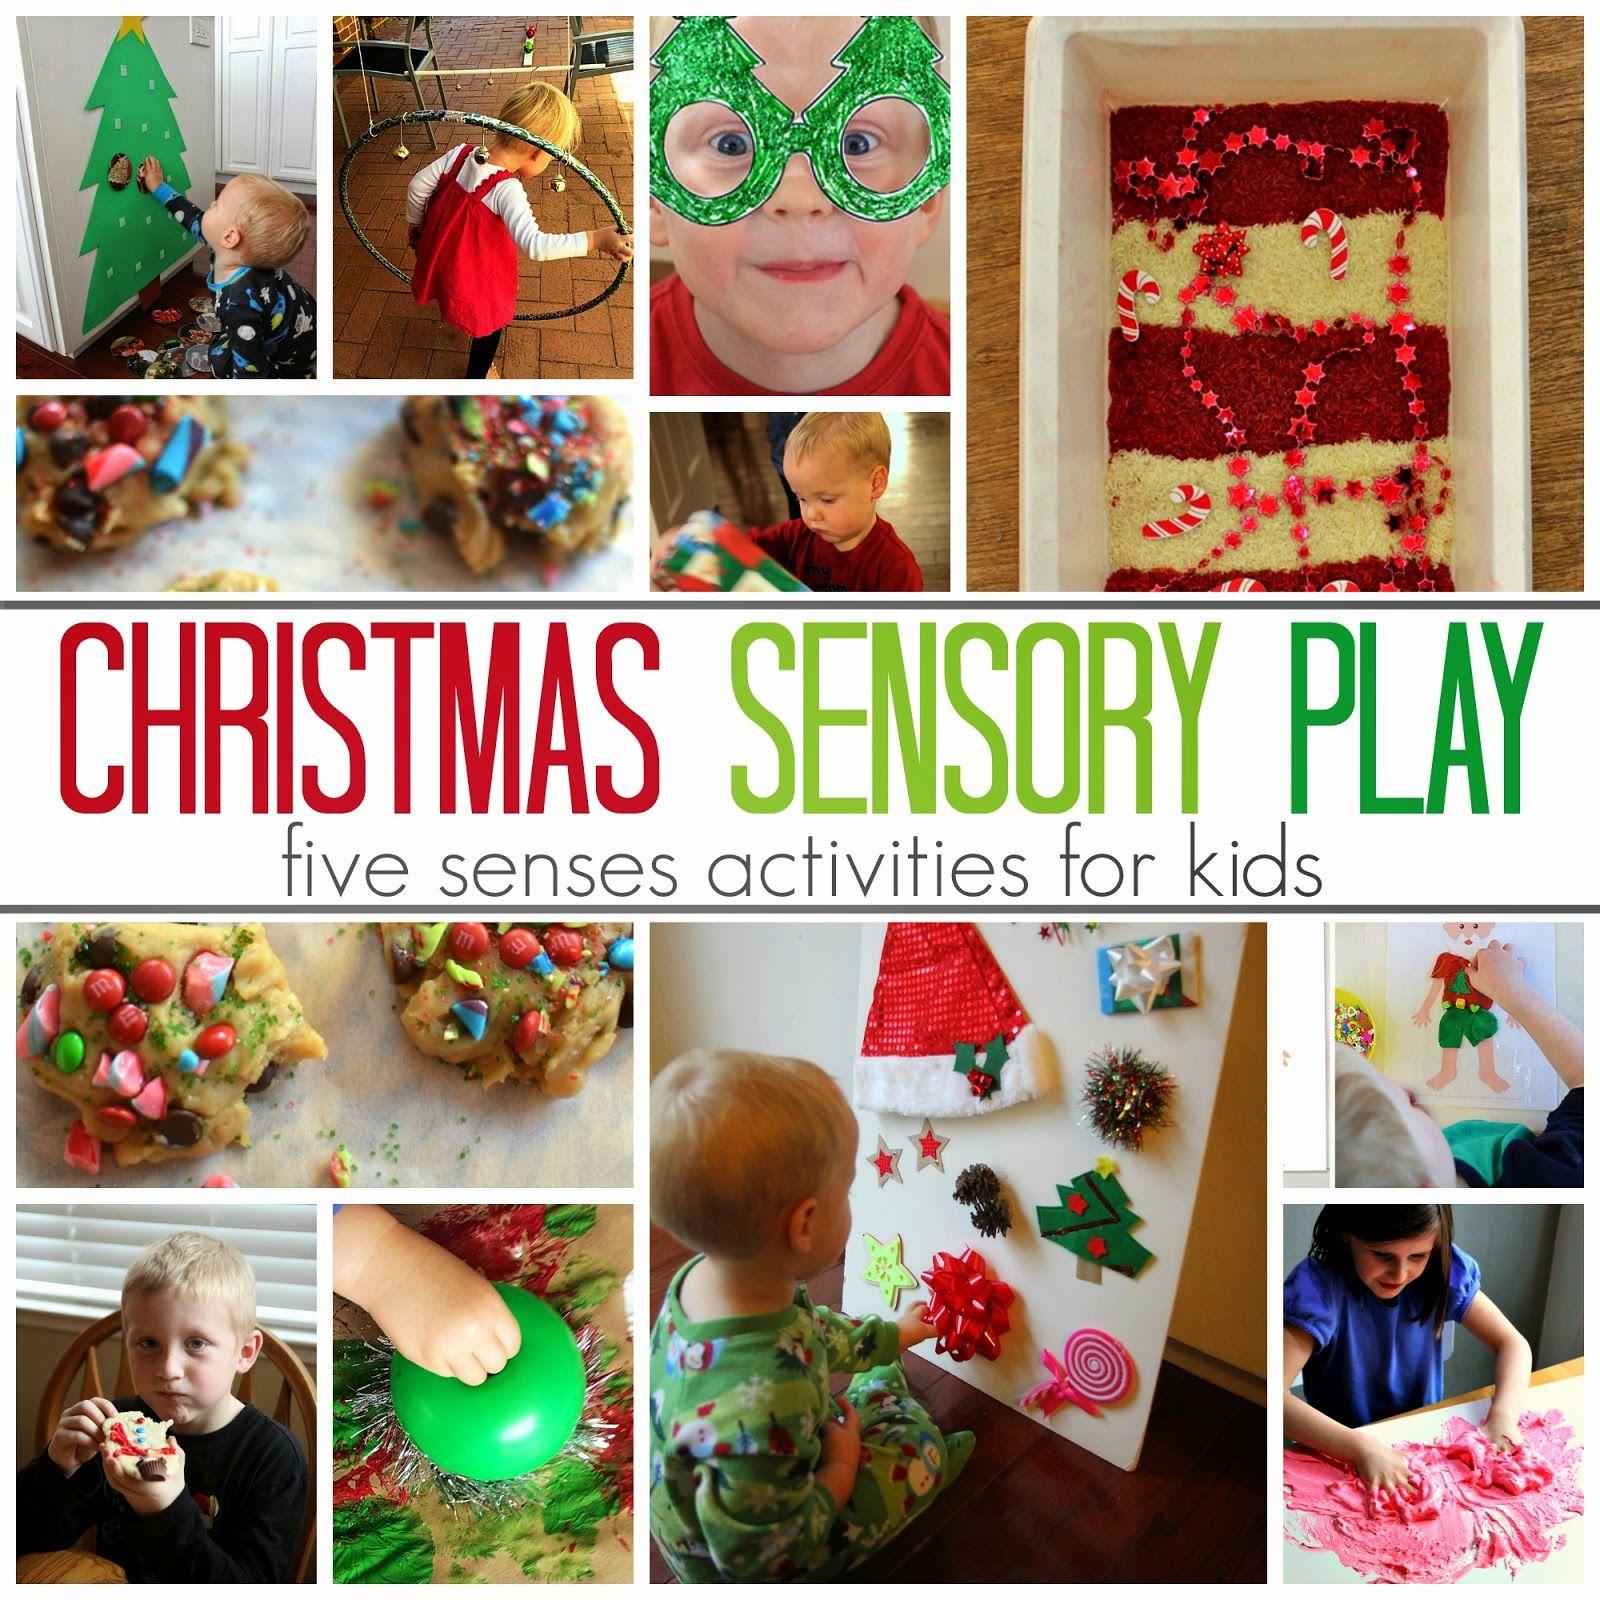 5 Senses Christmas Sensory Play Activities For Kids